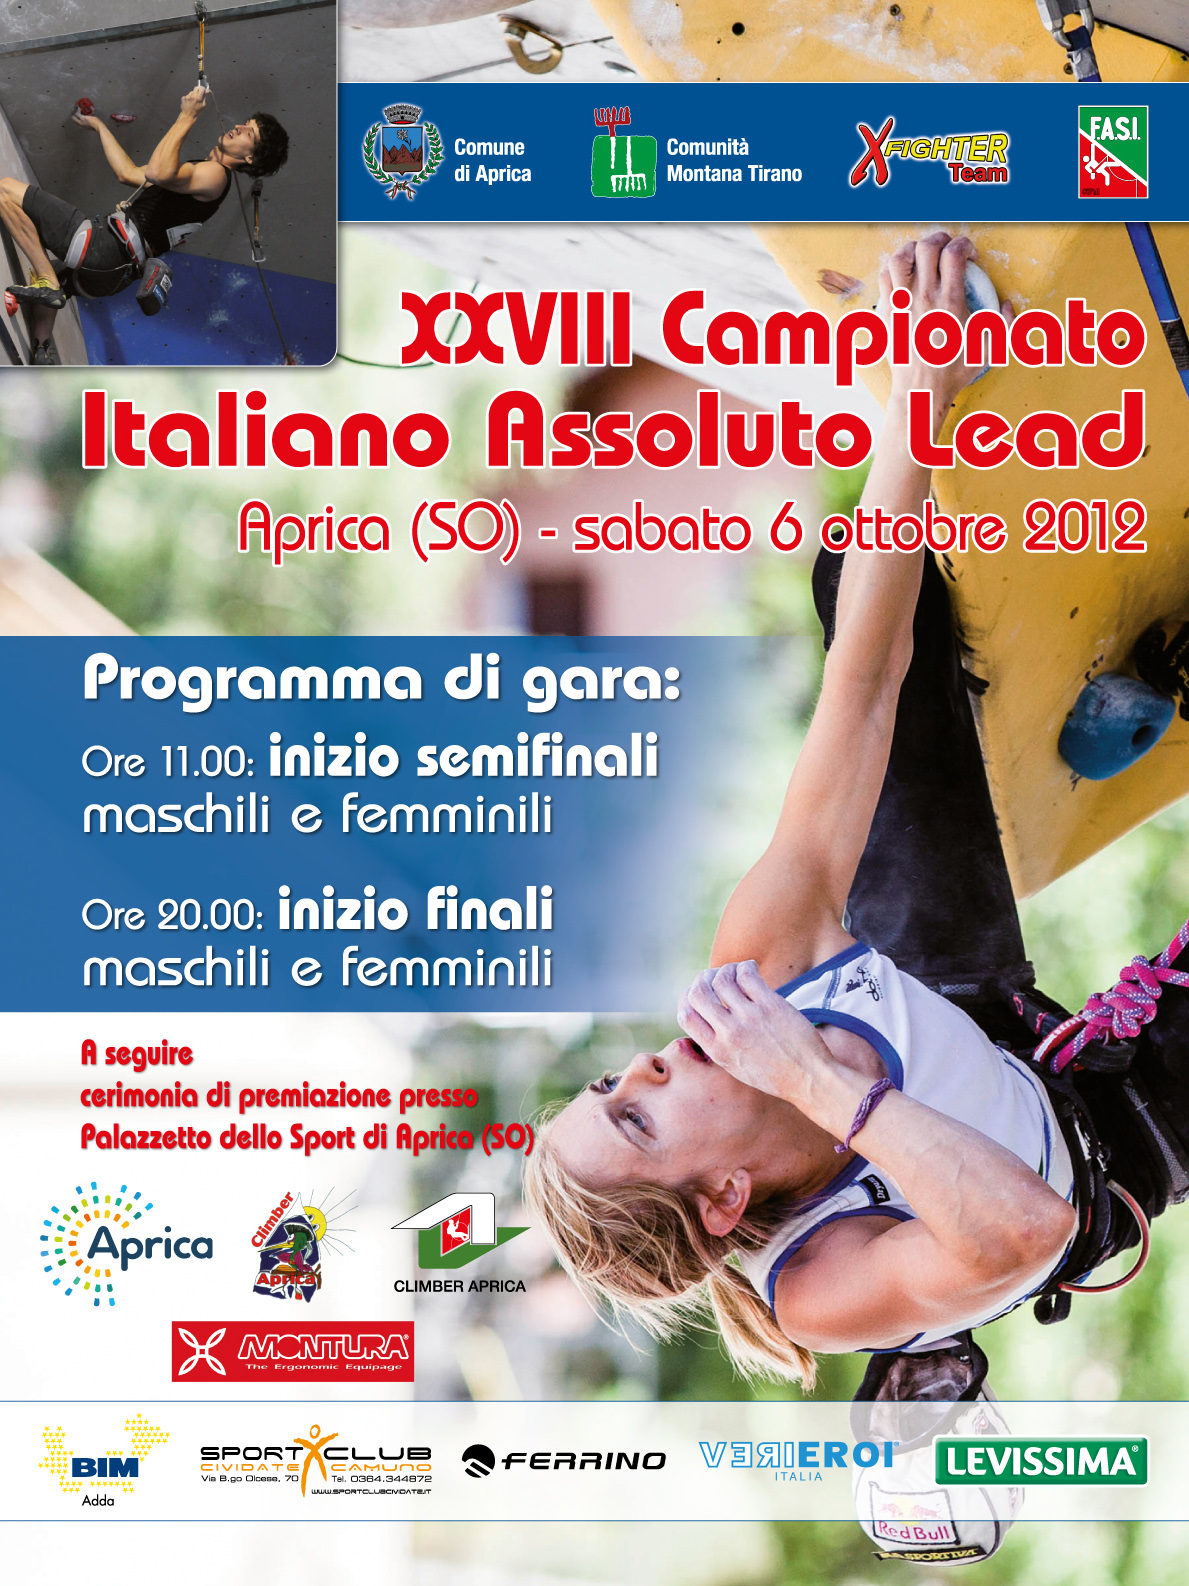 Climbing nazionale ad Aprica con il campionato assoluto Lead